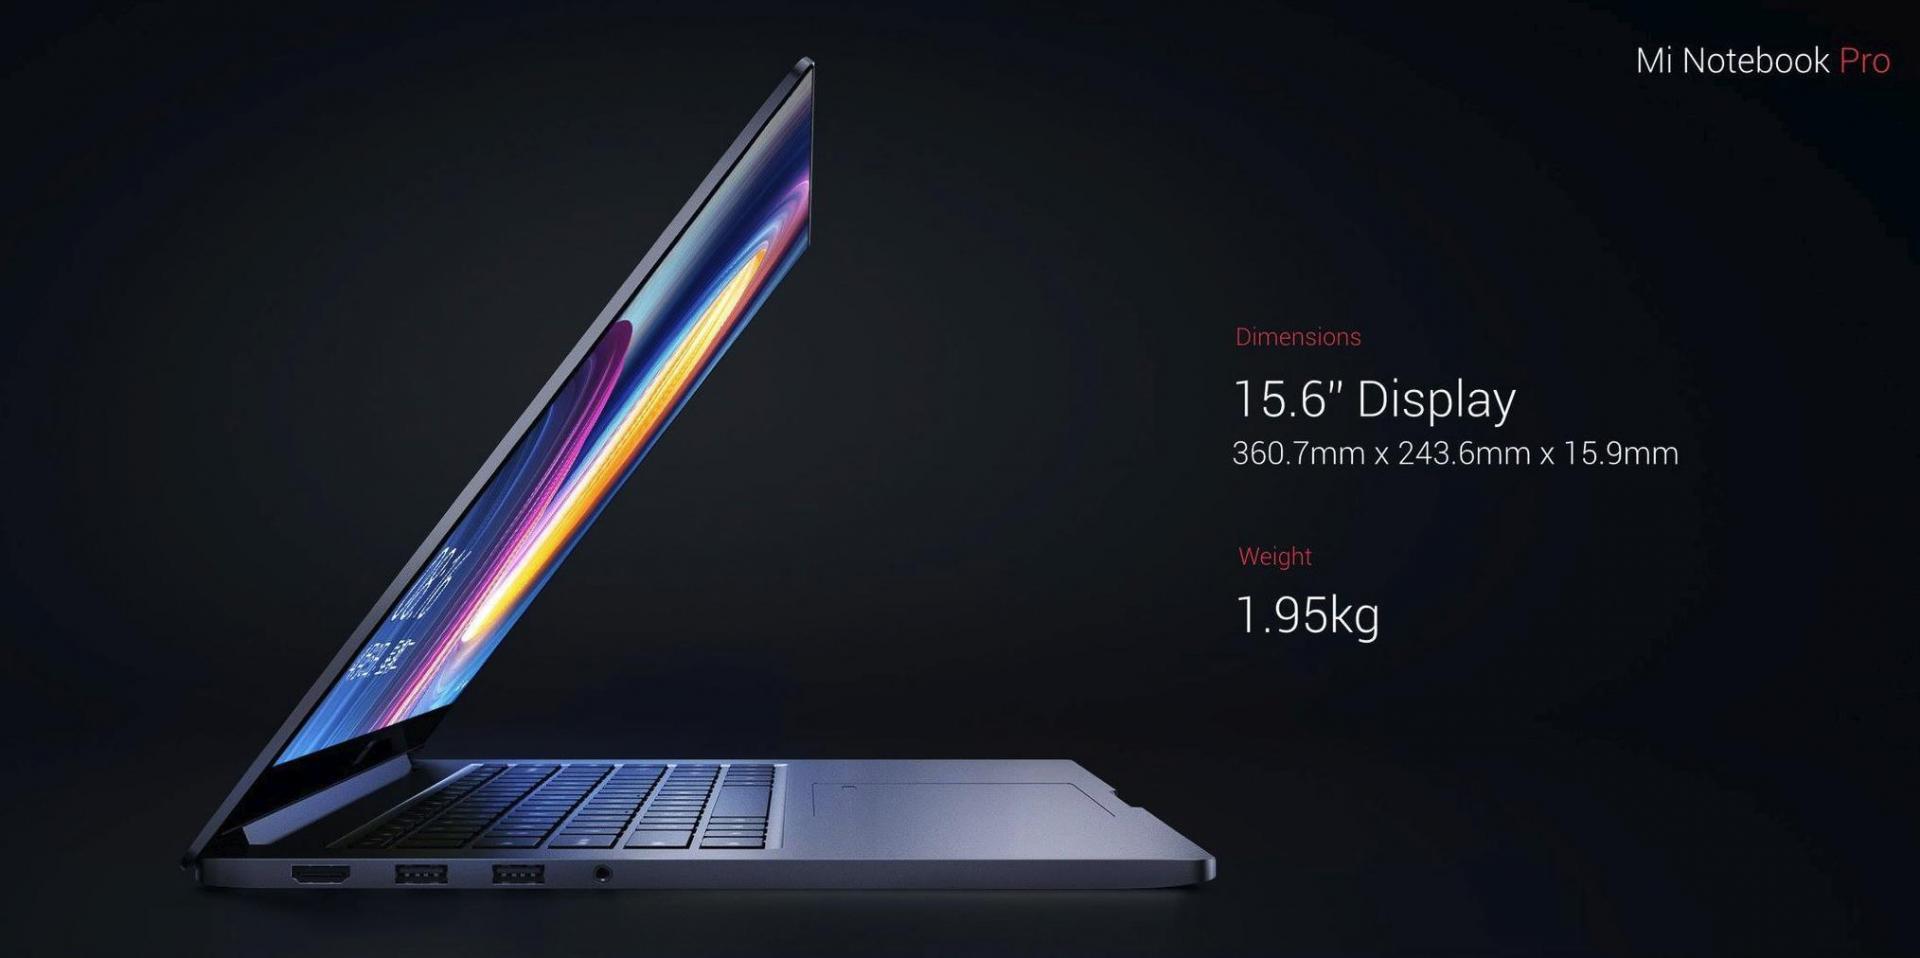 Говорят, что ноутбукXiaomi MiNotebook Pro круче Macbook